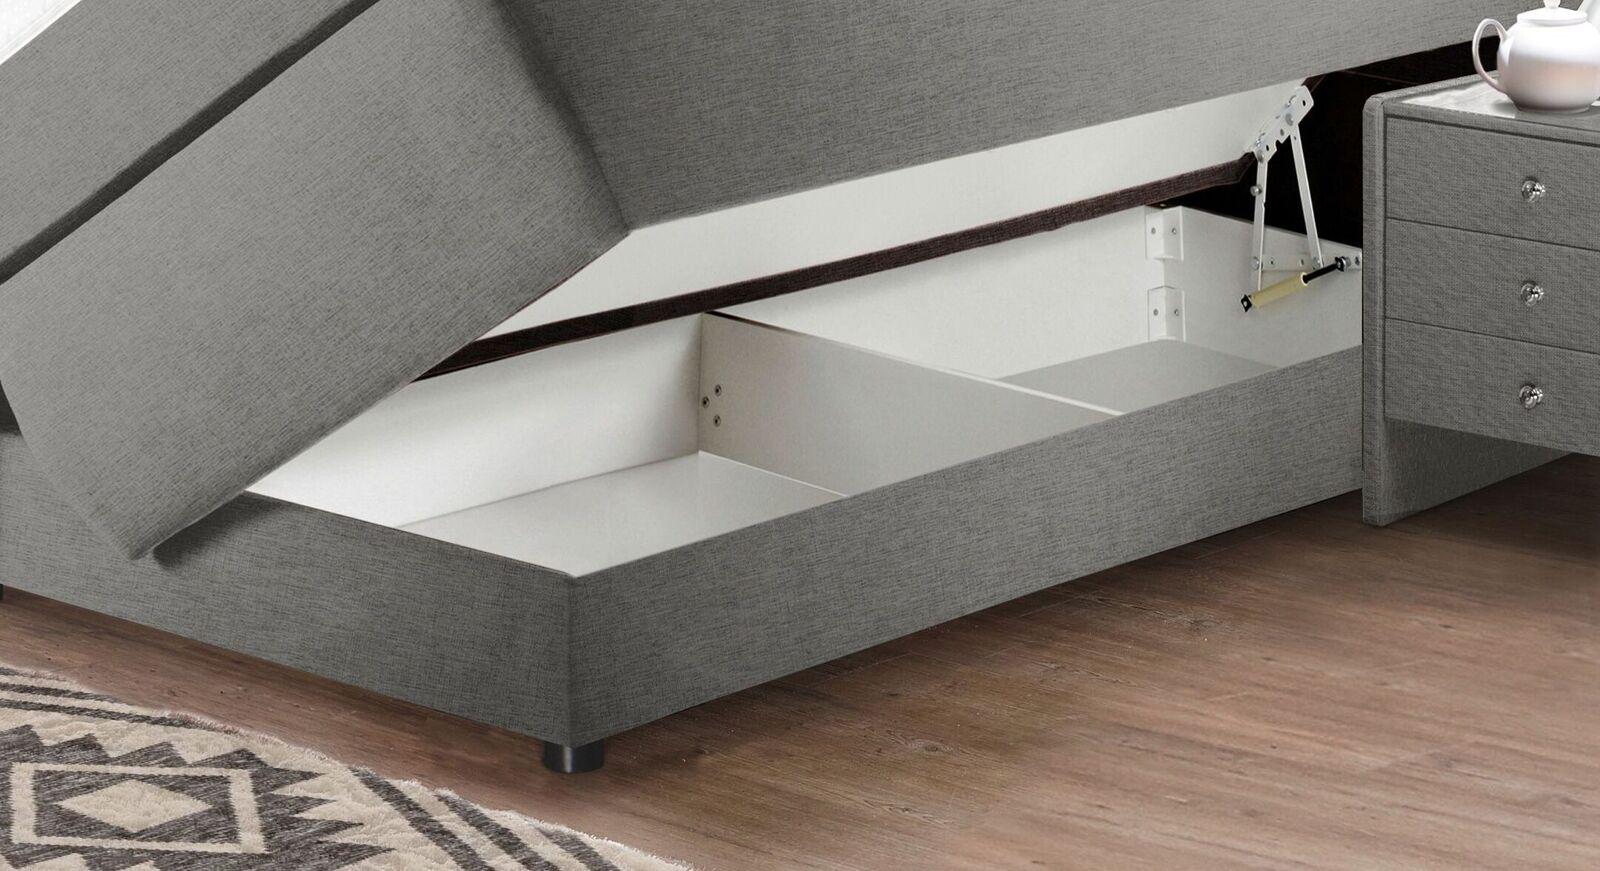 Bettkasten-Boxspringbett Highgate mit geteilter Bettbox